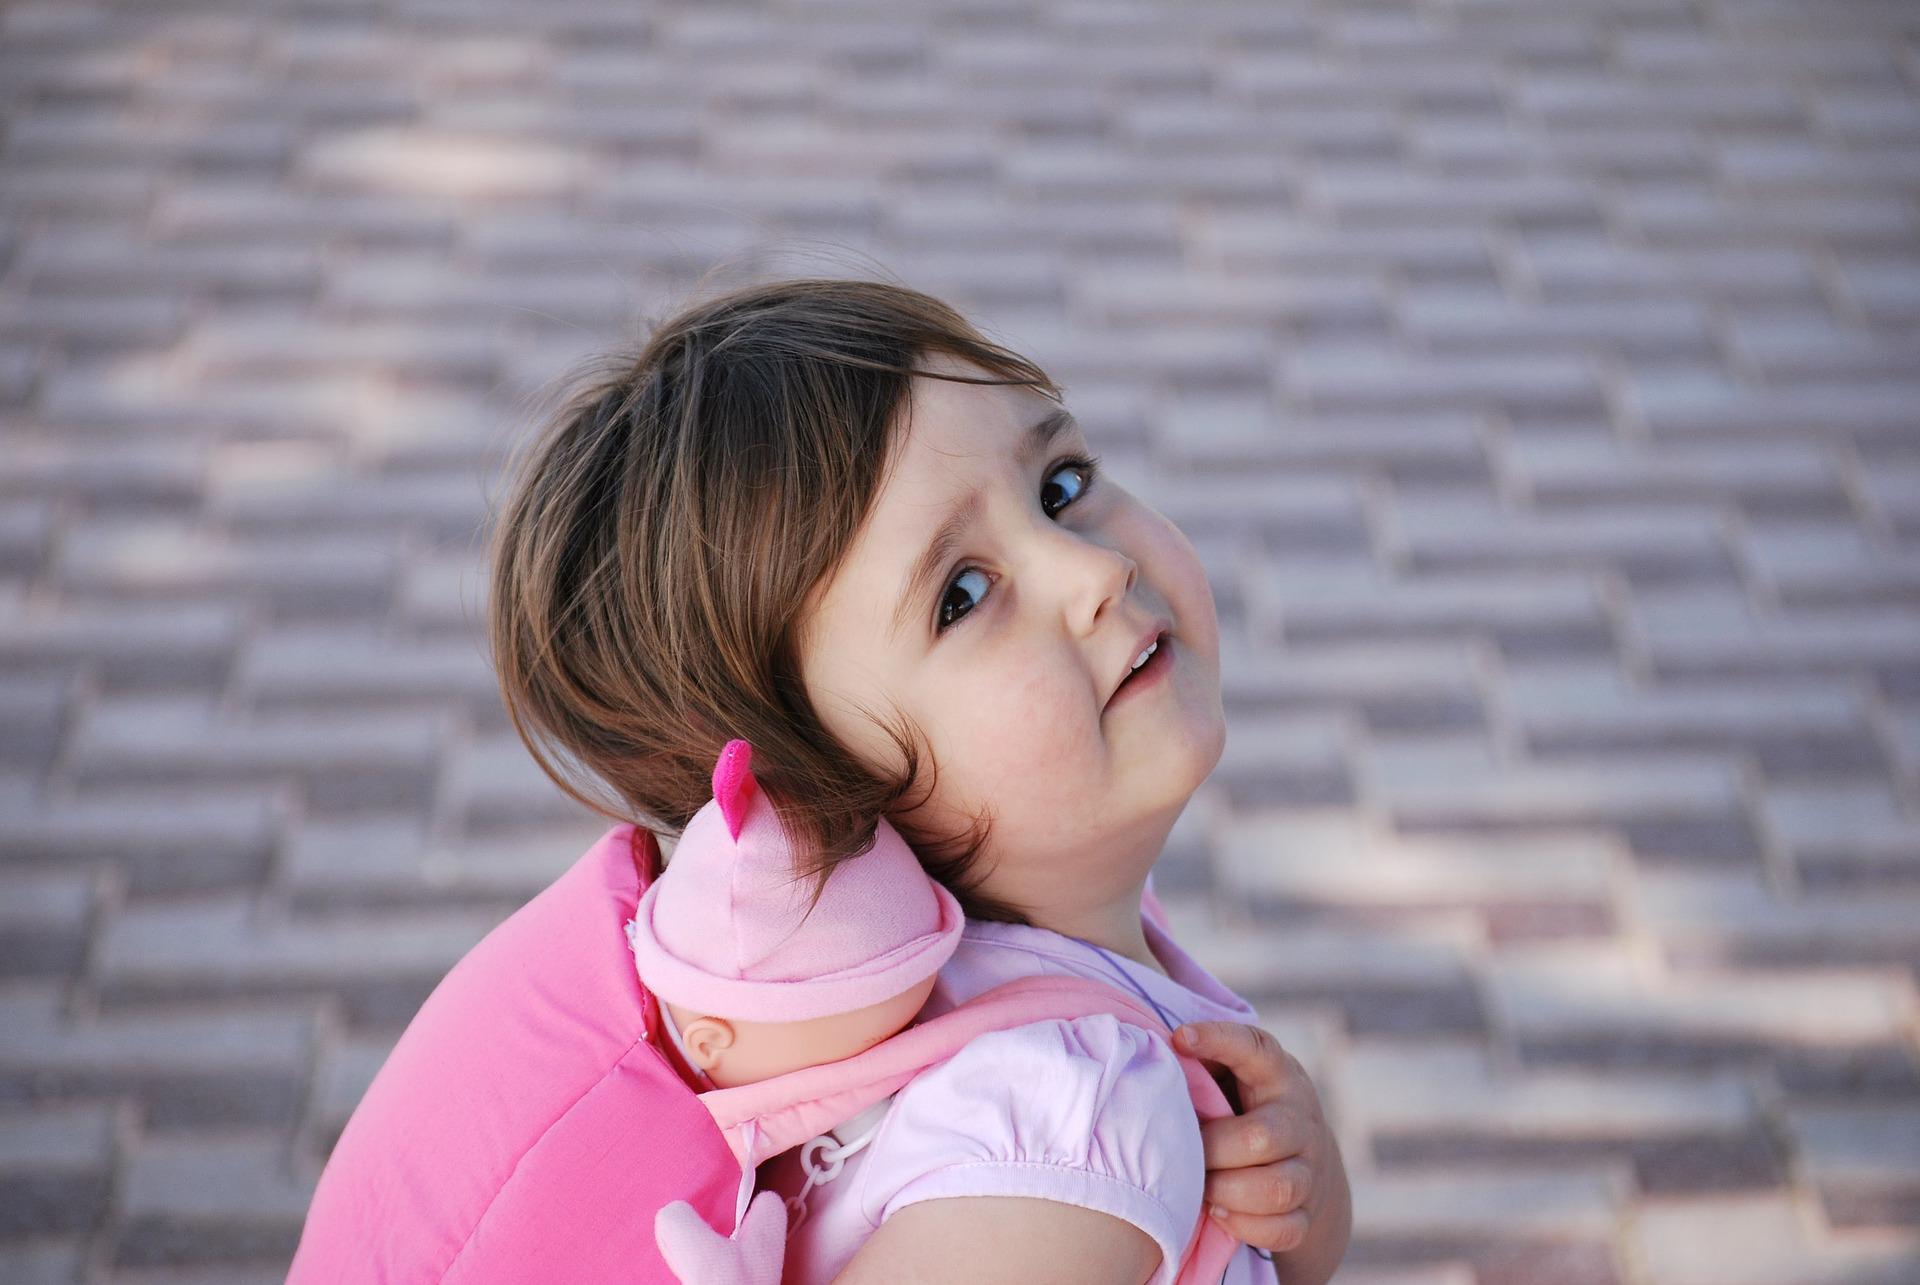 Kako da pomognete detetu sa autizmom da ostvari kontakt očima?